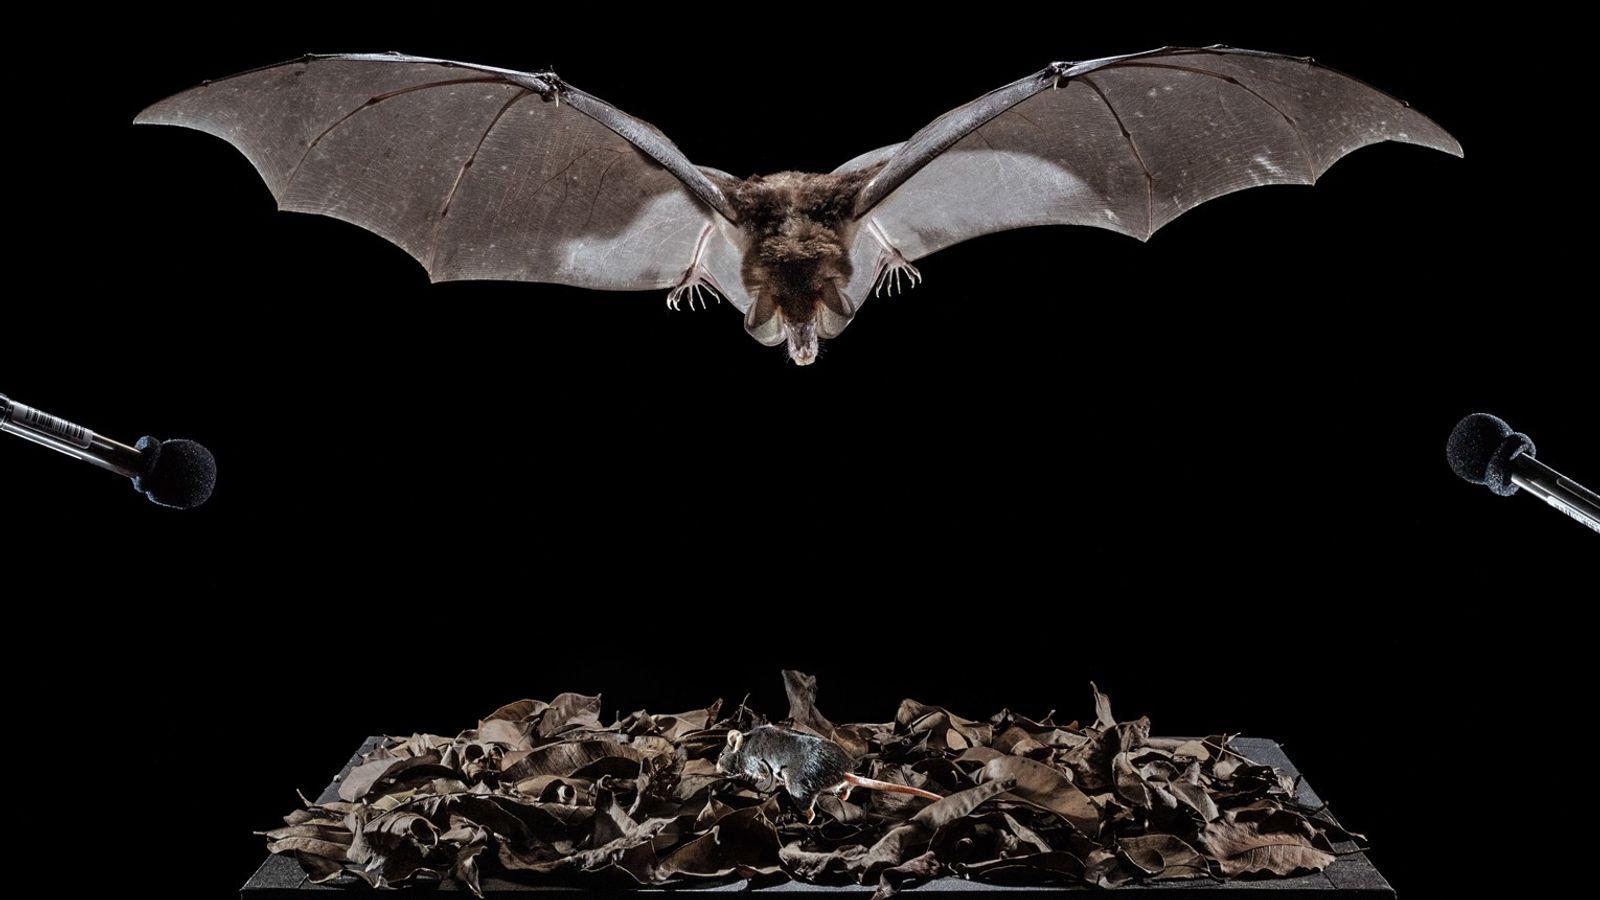 Un murciélago espectral, que se encuentra dentro de una jaula, apunta a un ratón de laboratorio ...